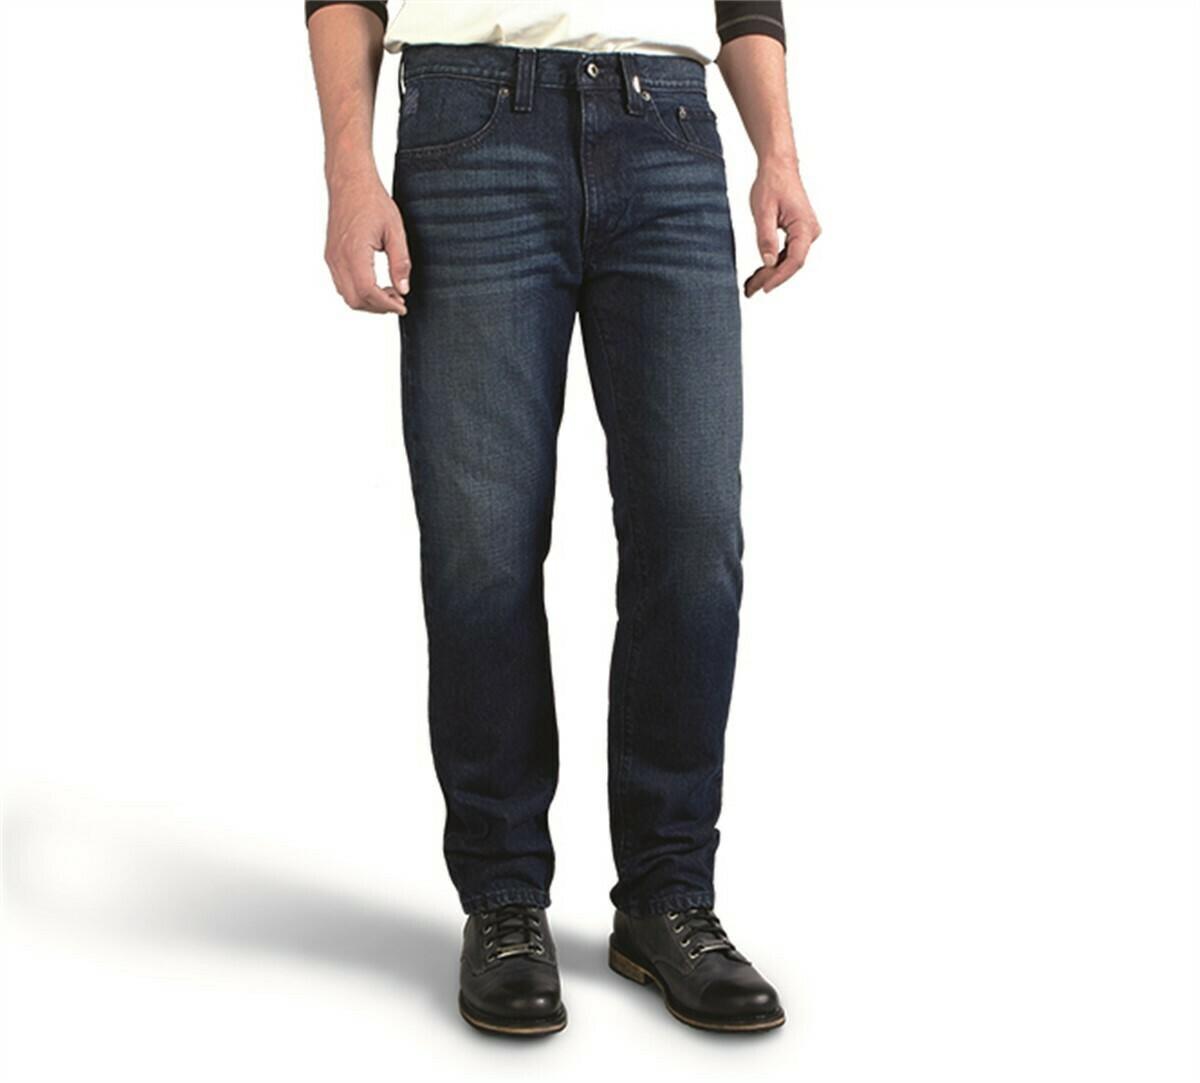 Jeans Men Slim Fit Black Label